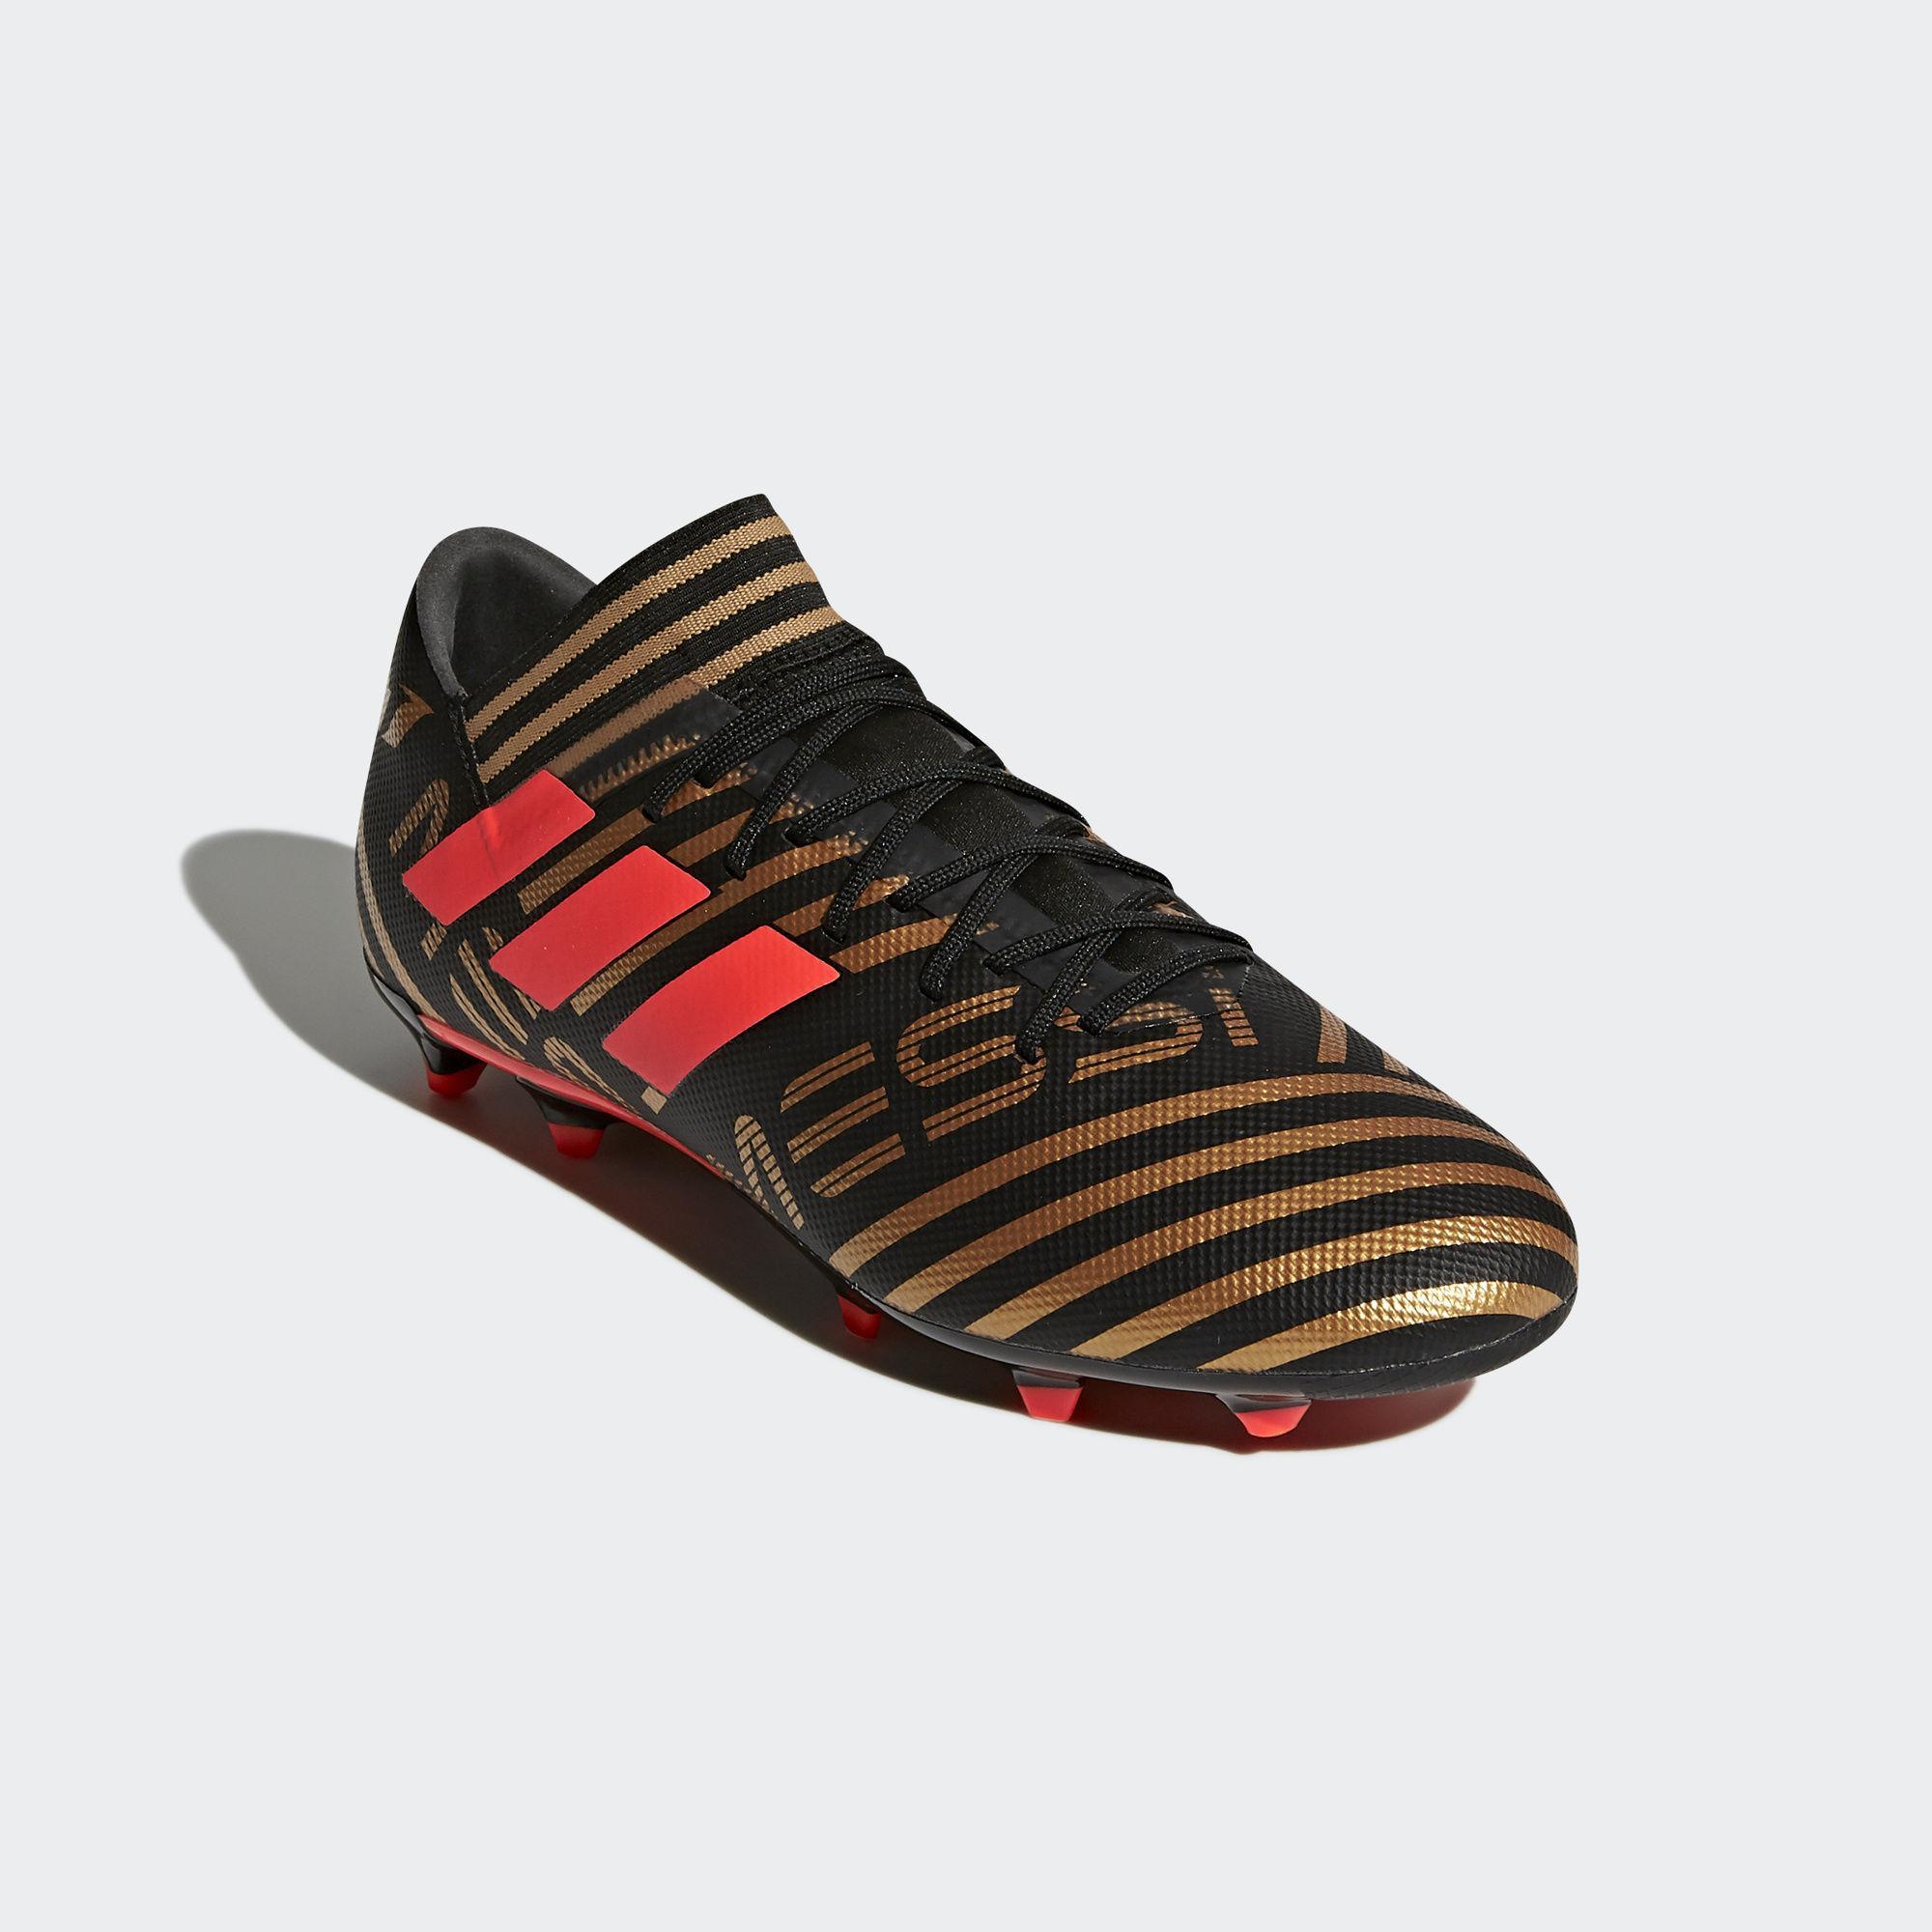 Adidas Nemeziz Messi 17.3 FG Fußballschuhe Herren Core schwarz schwarz schwarz Solar rot Tactile Gold Met. im Online Shop von SportScheck kaufen Gute Qualität beliebte Schuhe b78cdc